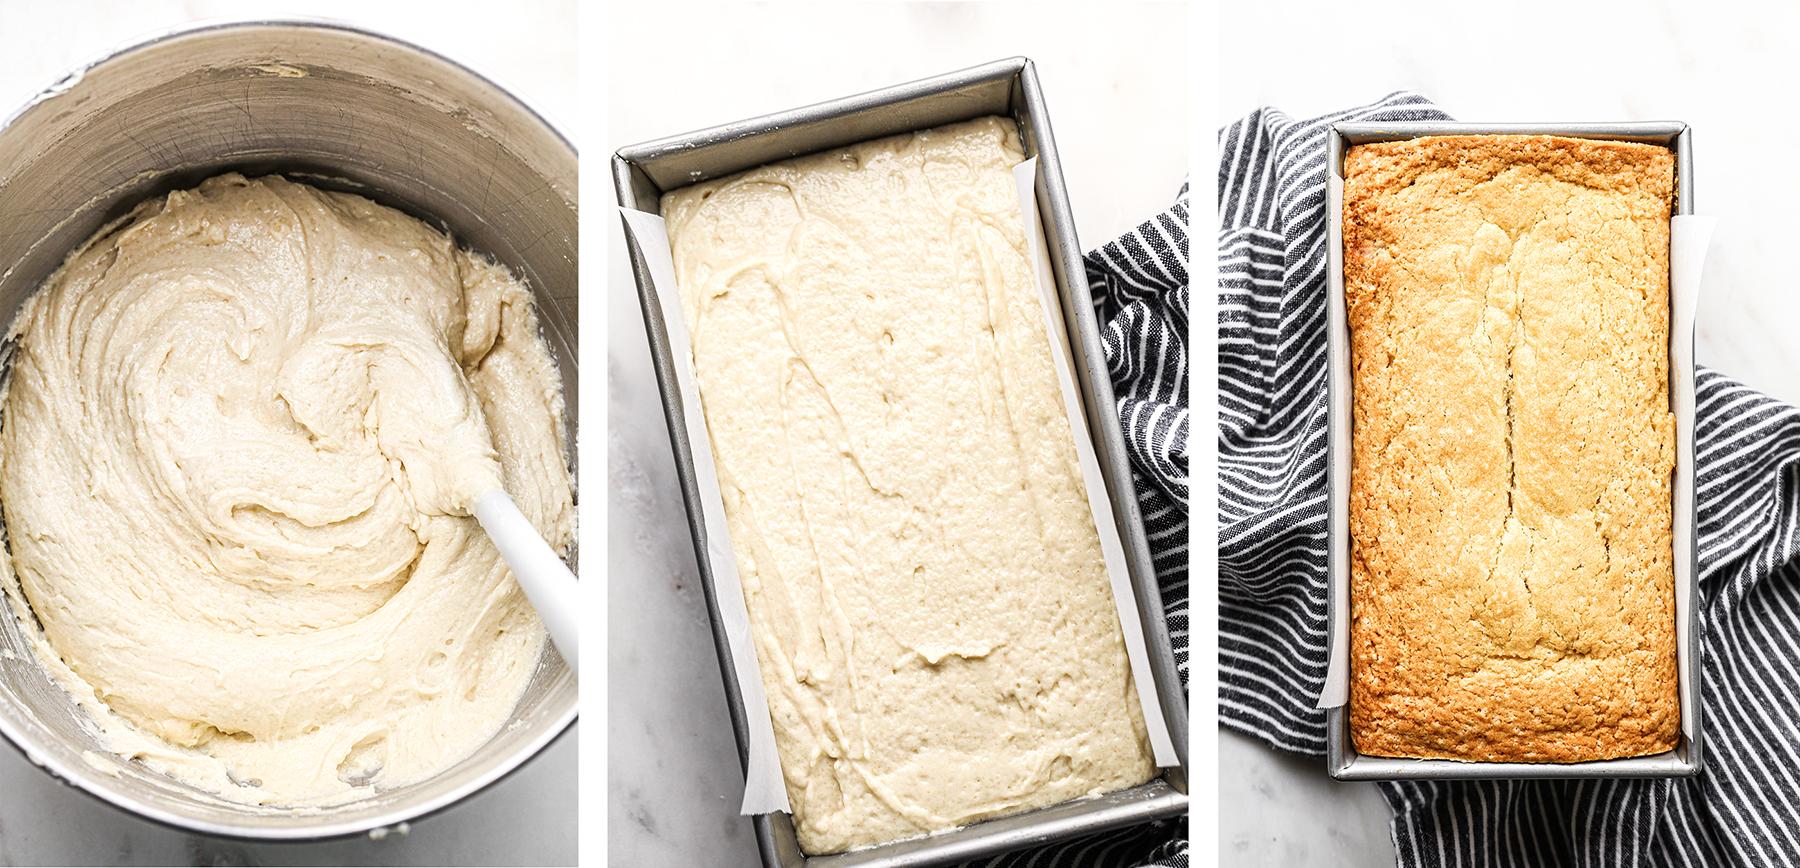 Vegan Pound Cake Batter | Pre-Bake and After Bake